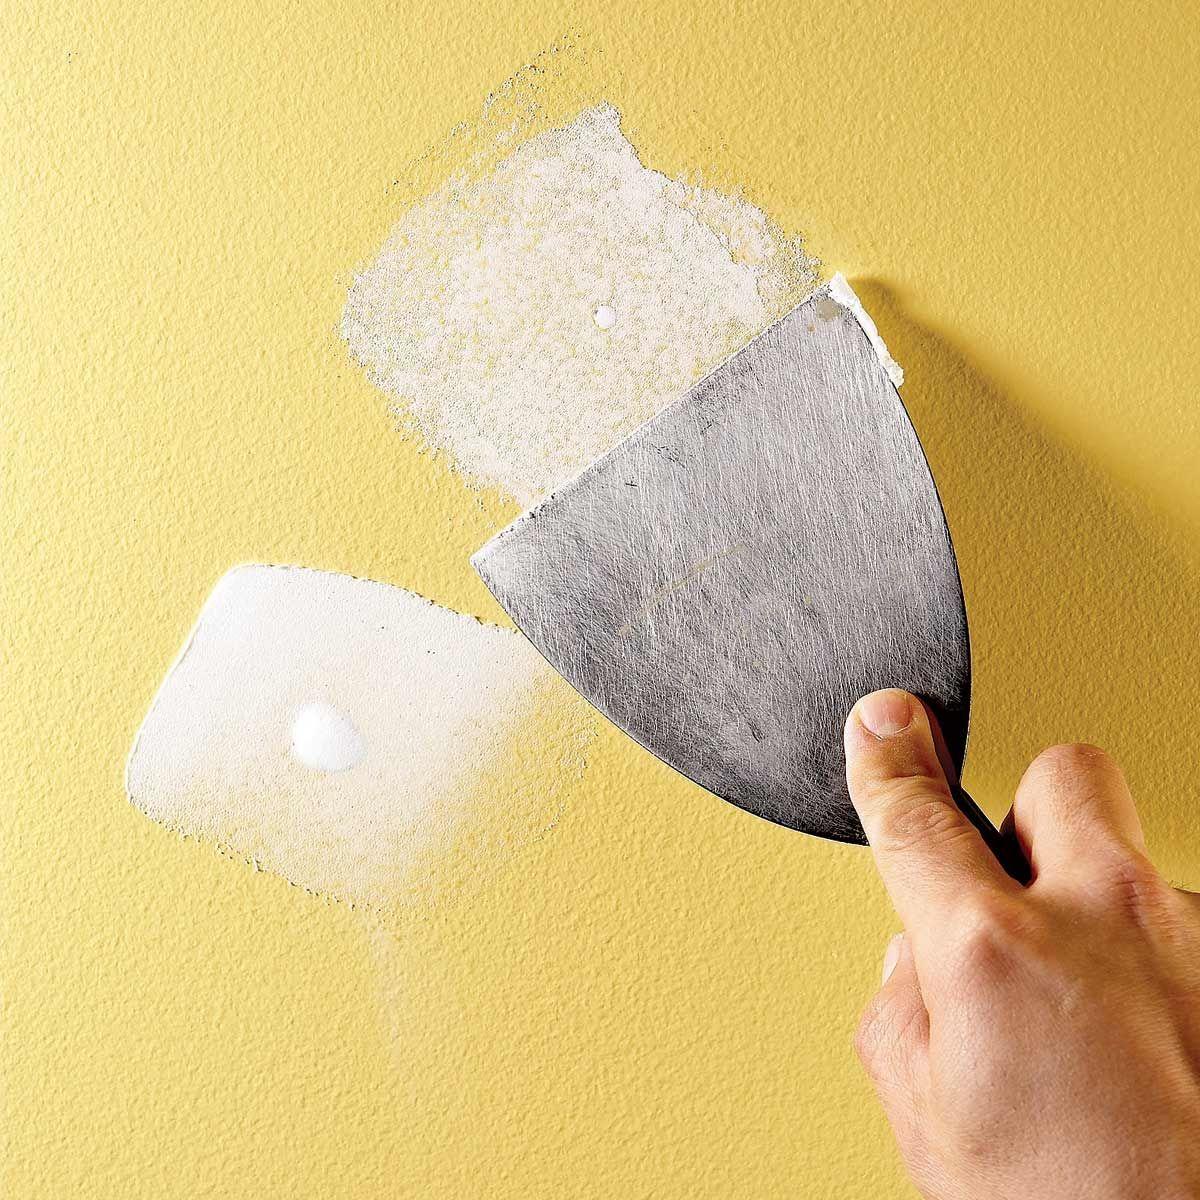 How To Fix Drywall Preparing Walls For Painting Drywall Repair Sheetrock Repair